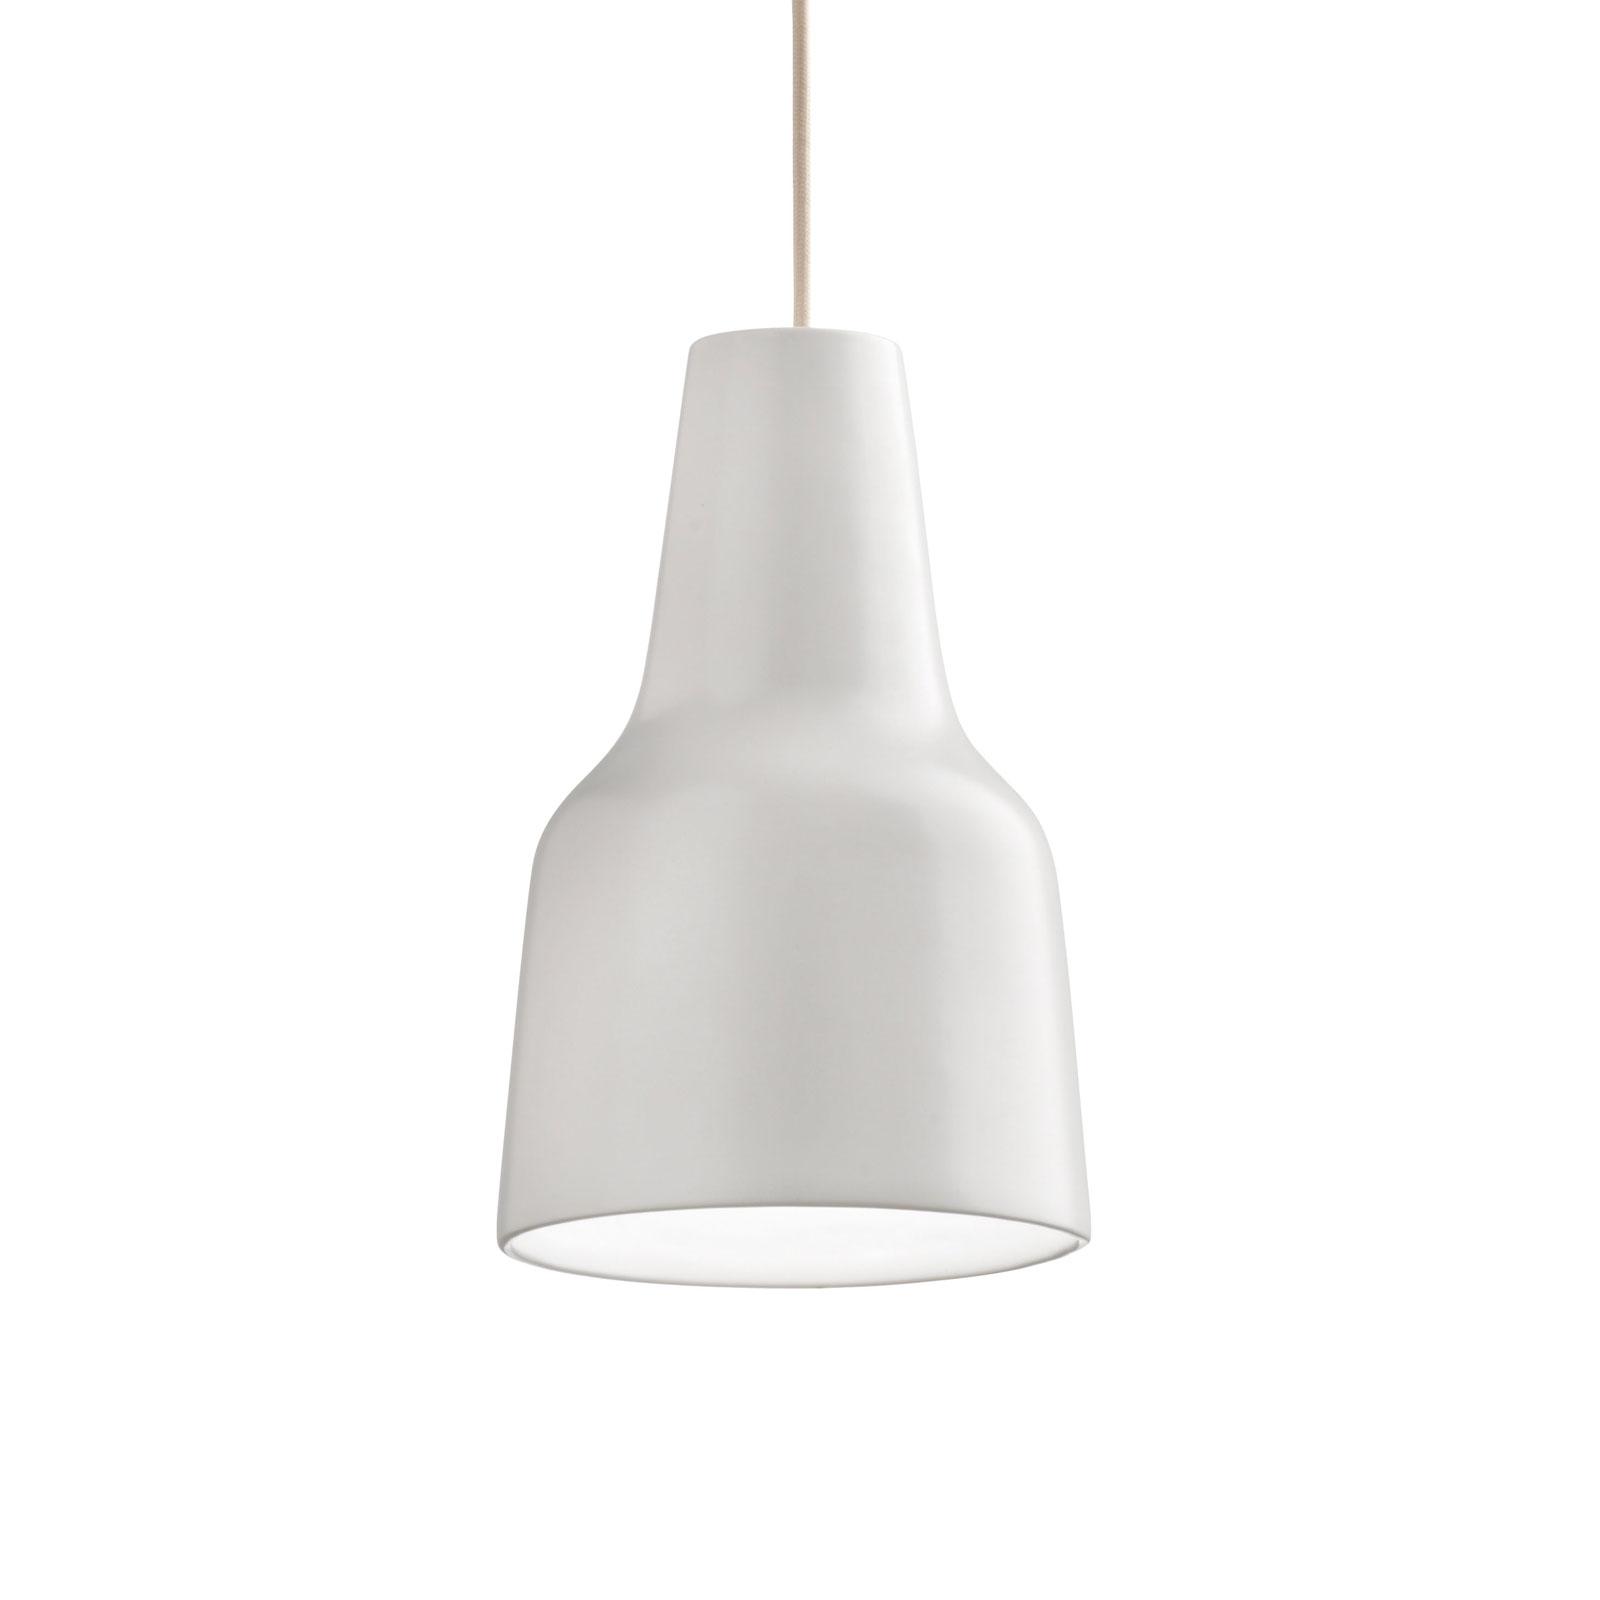 Modo Luce Eva lampa wisząca Ø 27 cm biała